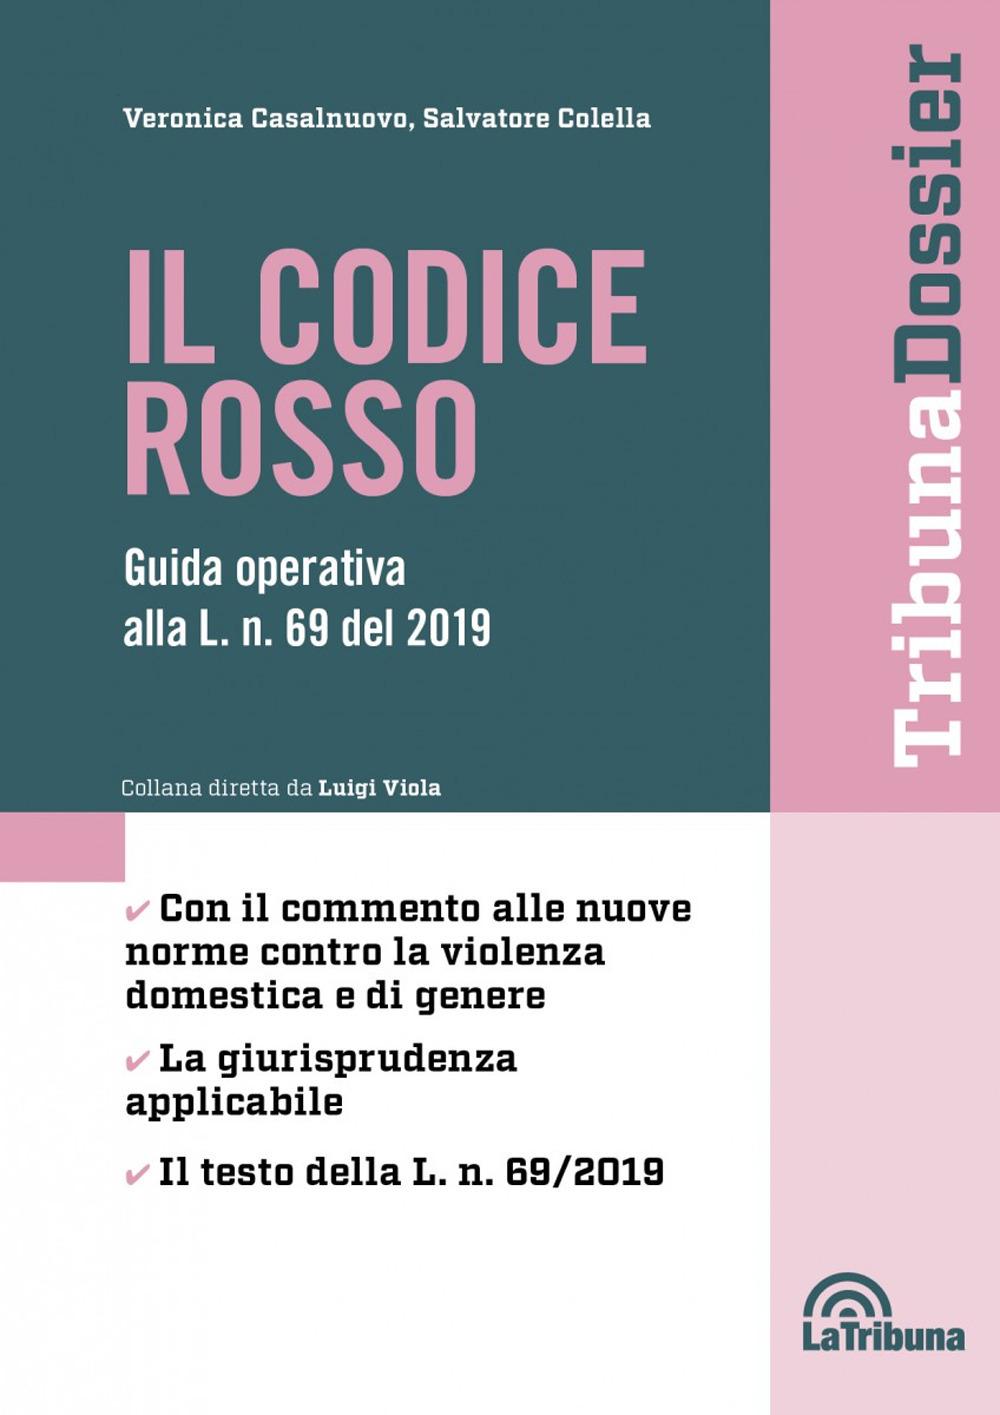 IL CODICE ROSSO Tribuna Dossier